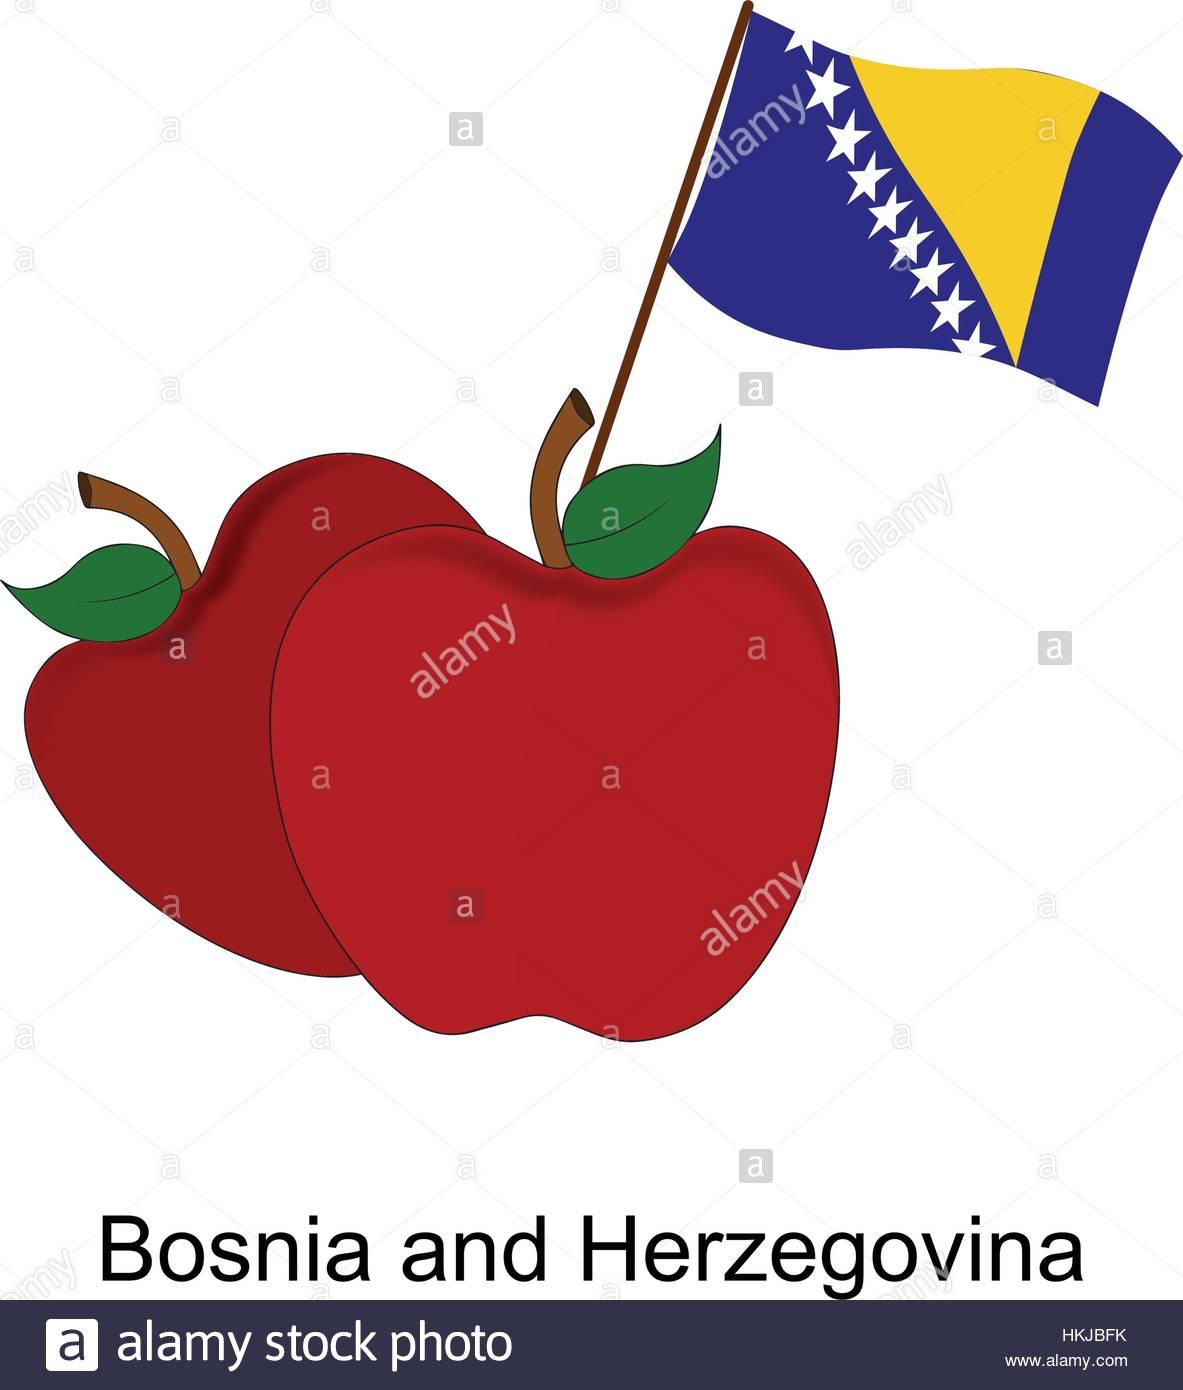 Illustration of Apple, Bosnia and Herzegovina Flag, Apple with Bosnia and Herzegovina Flag - Stock Vector